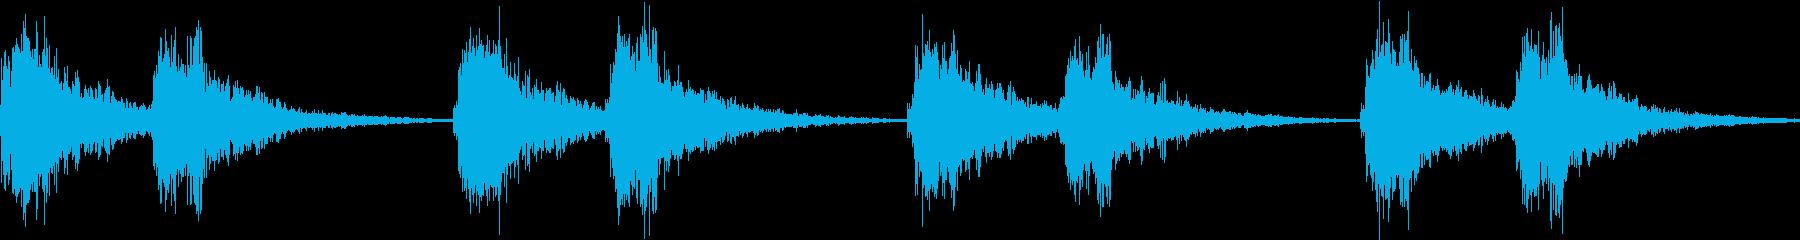 アラーム 時報 警告 着信  ループの再生済みの波形